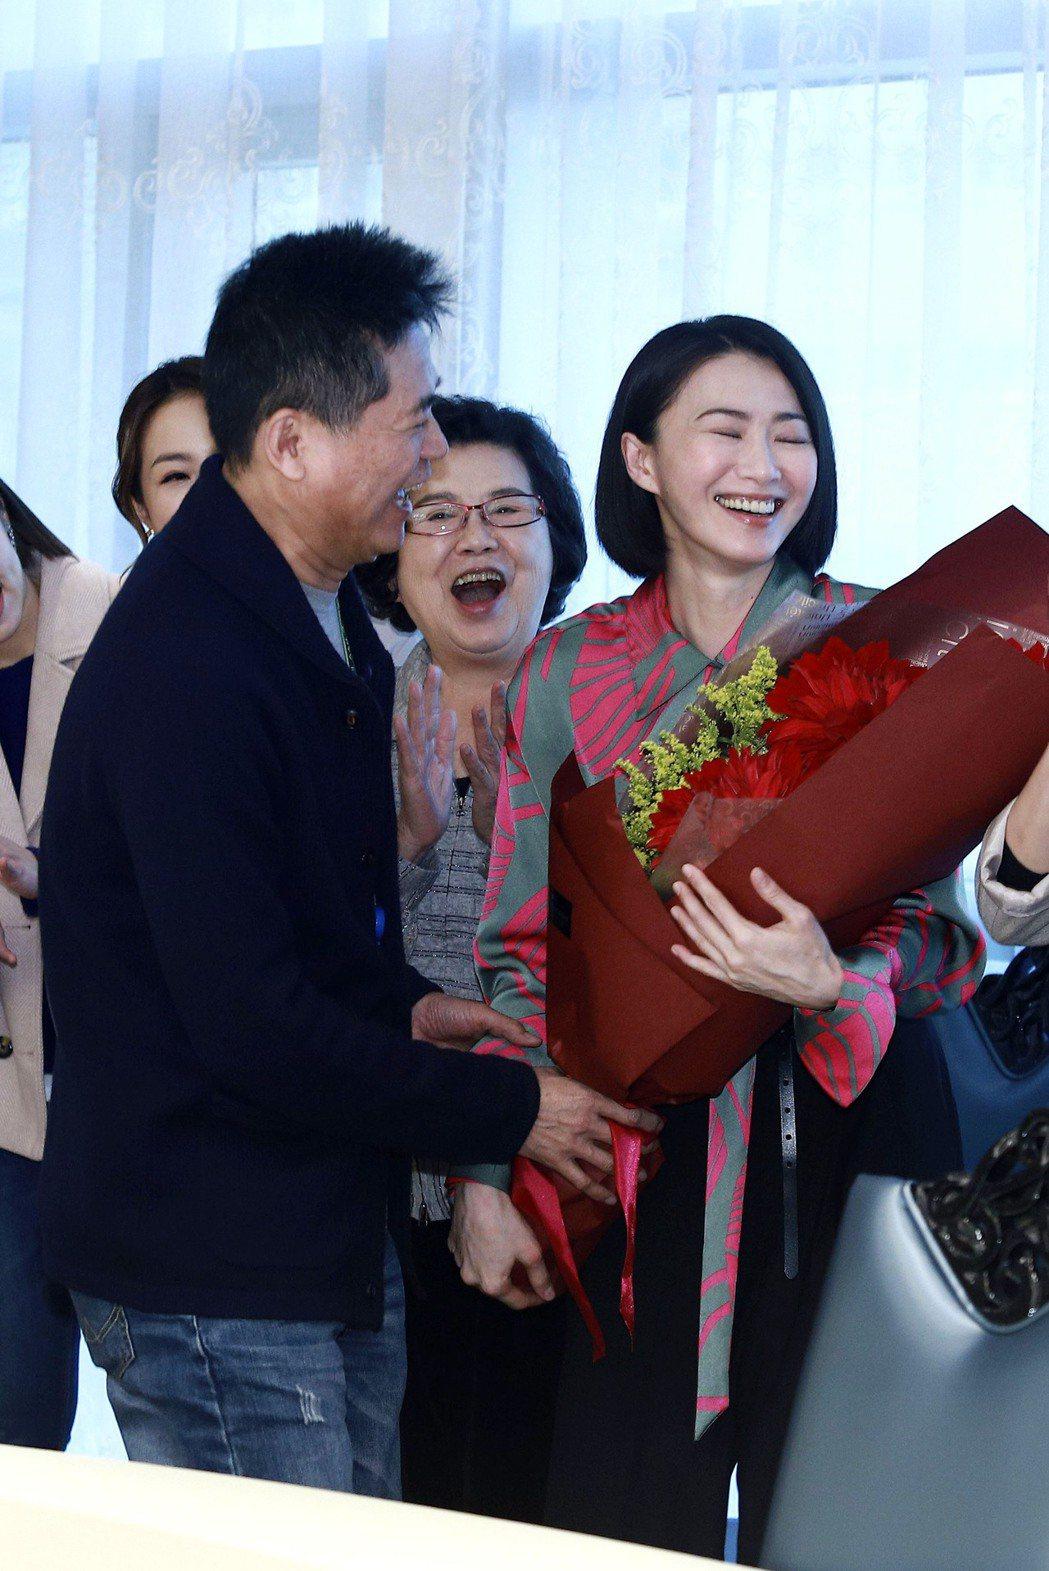 蕭大陸(左)將收到的花束送給侯怡君。圖/民視提供